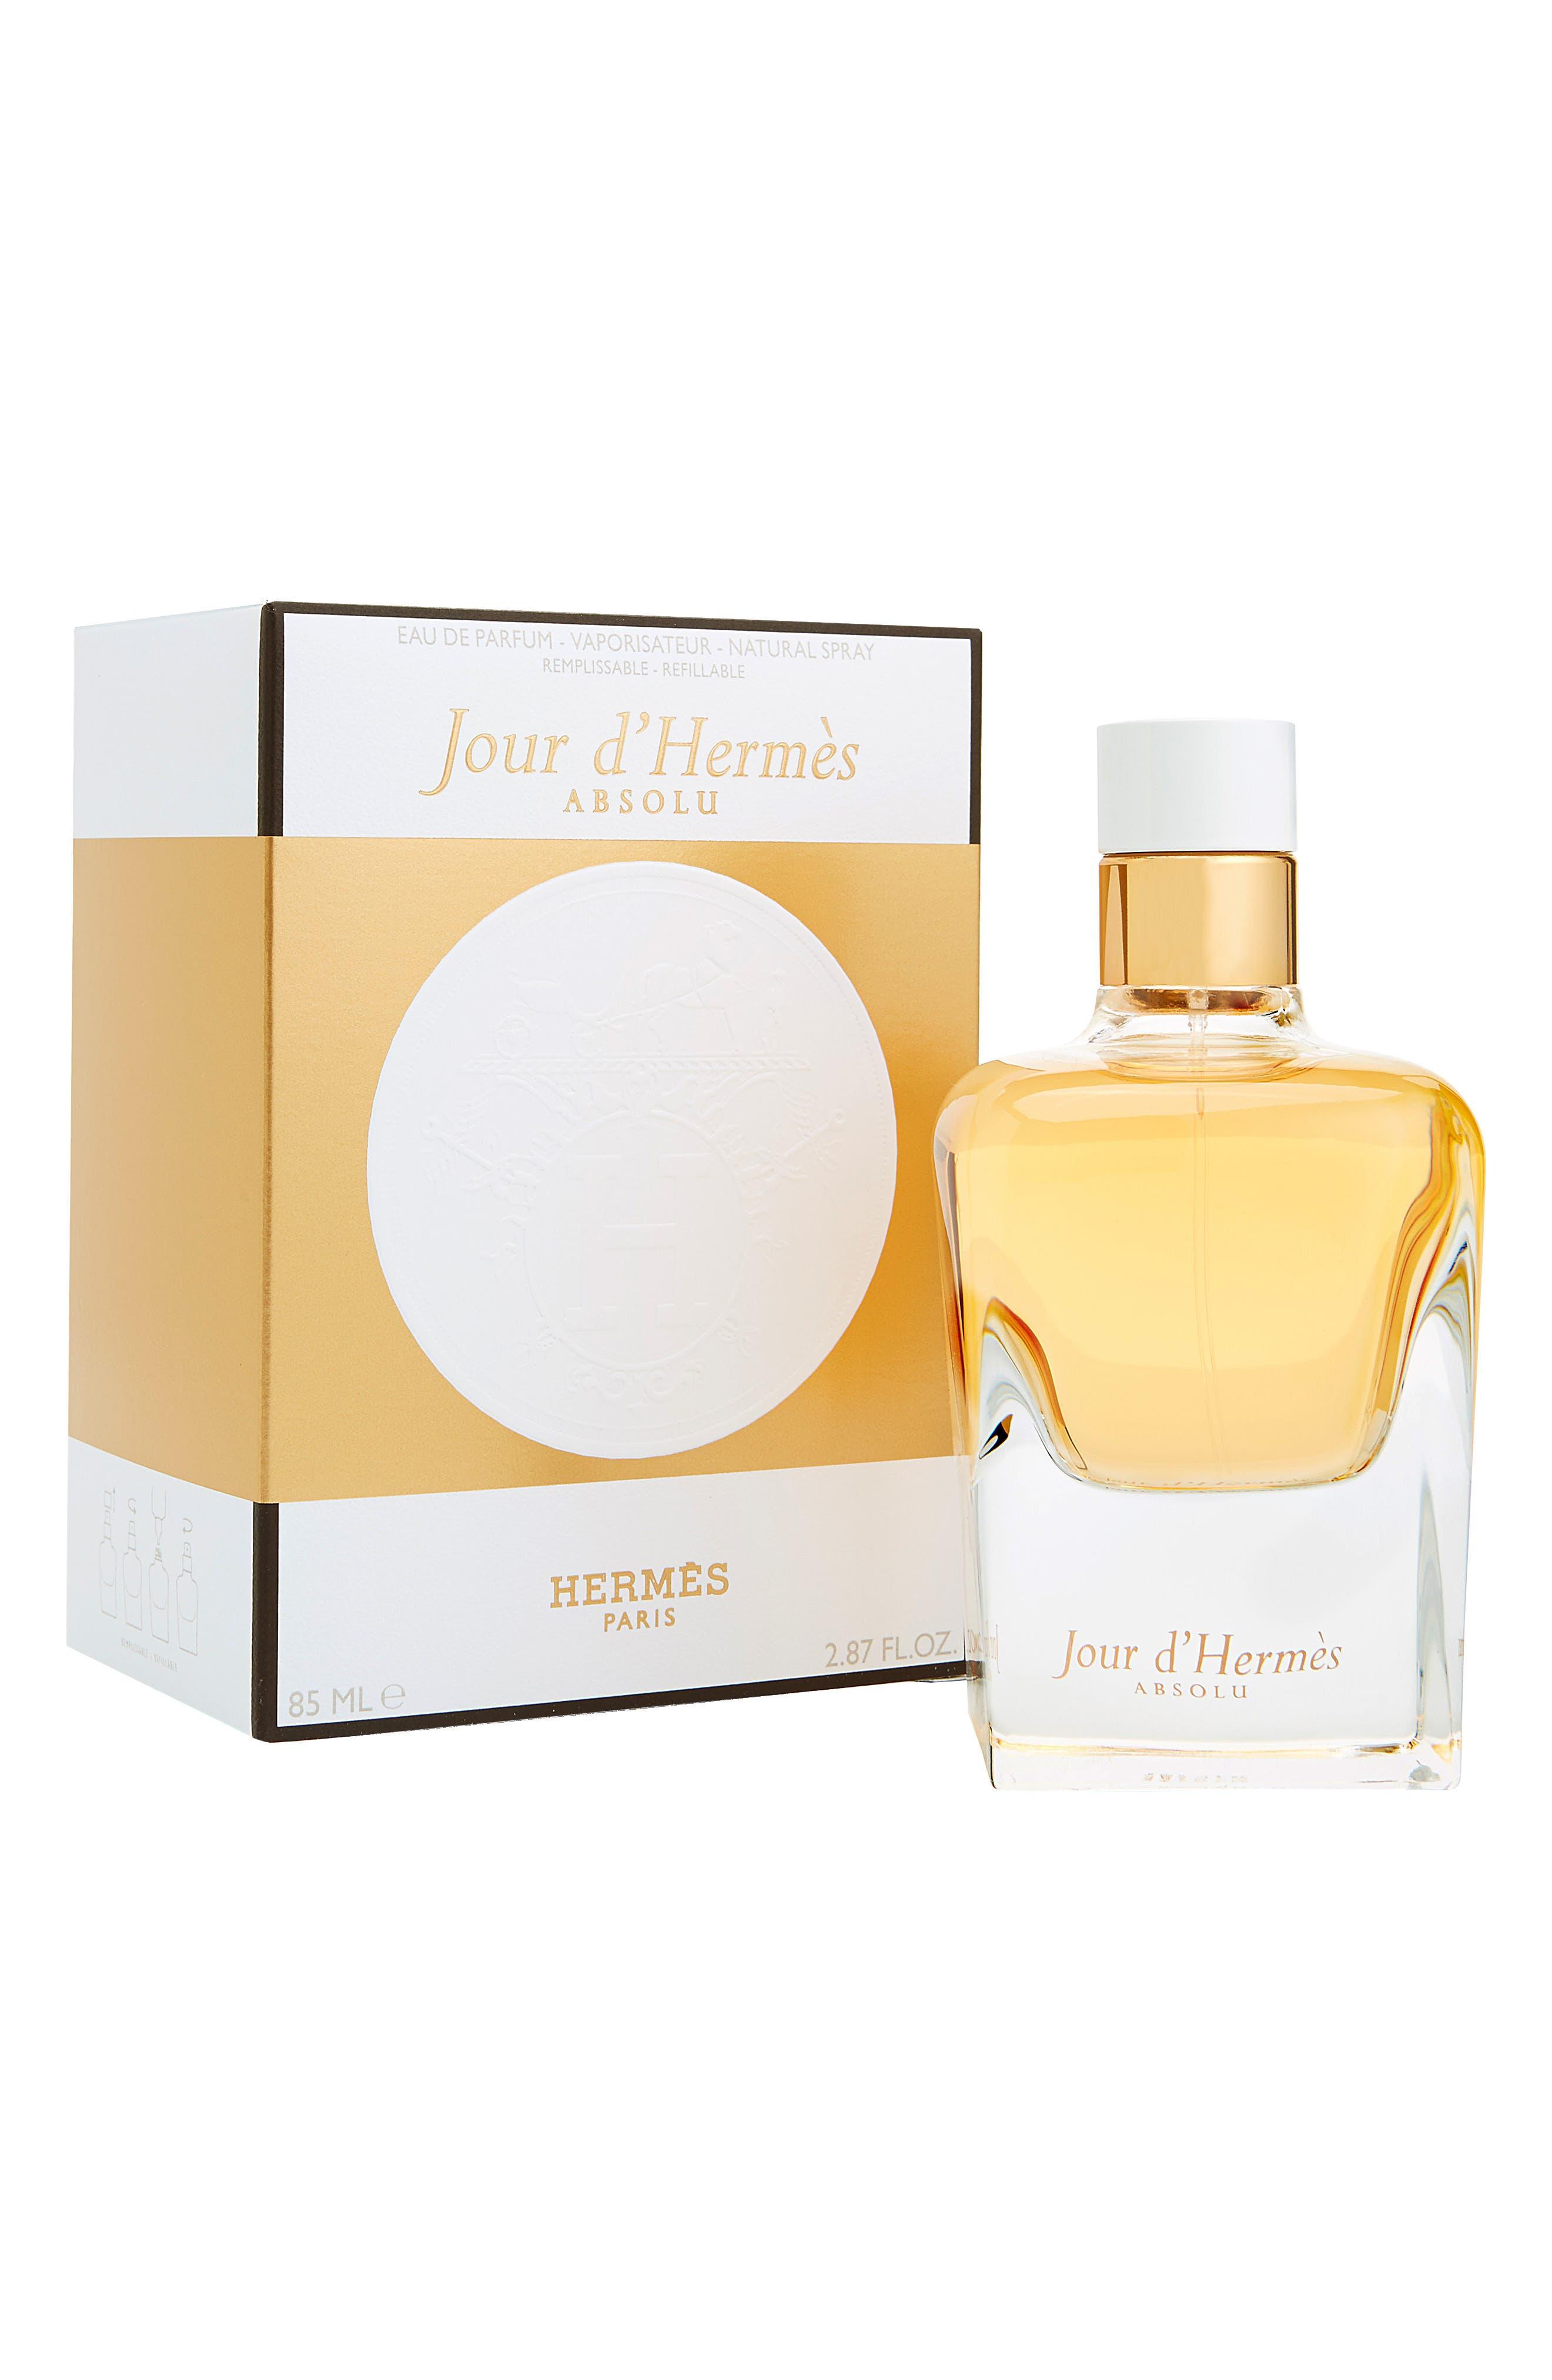 Jour d'Hermès Absolu - Eau de parfum,                             Alternate thumbnail 2, color,                             NO COLOR